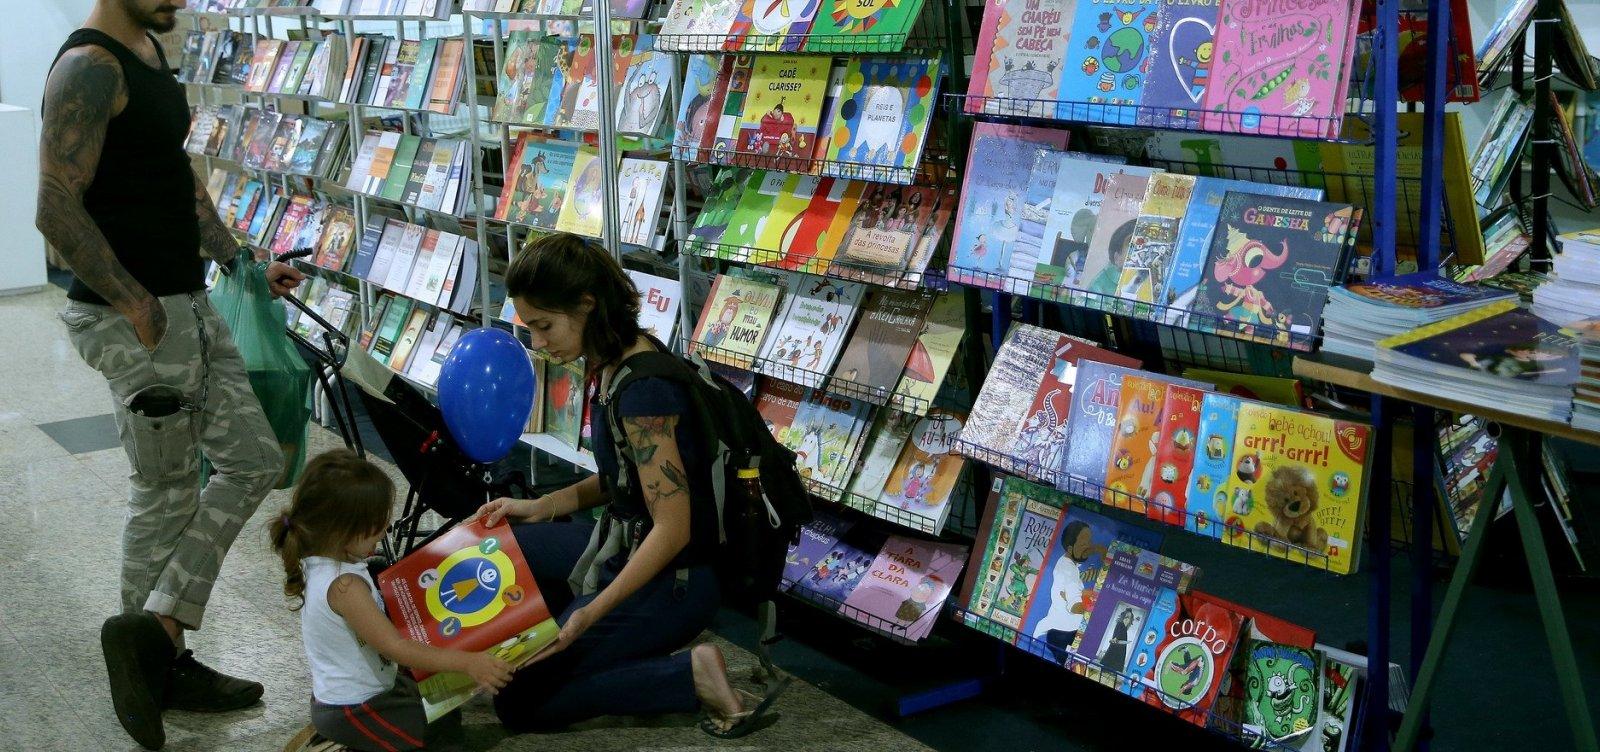 Salvador sedia primeira Feira do Livro Infantil em outubro